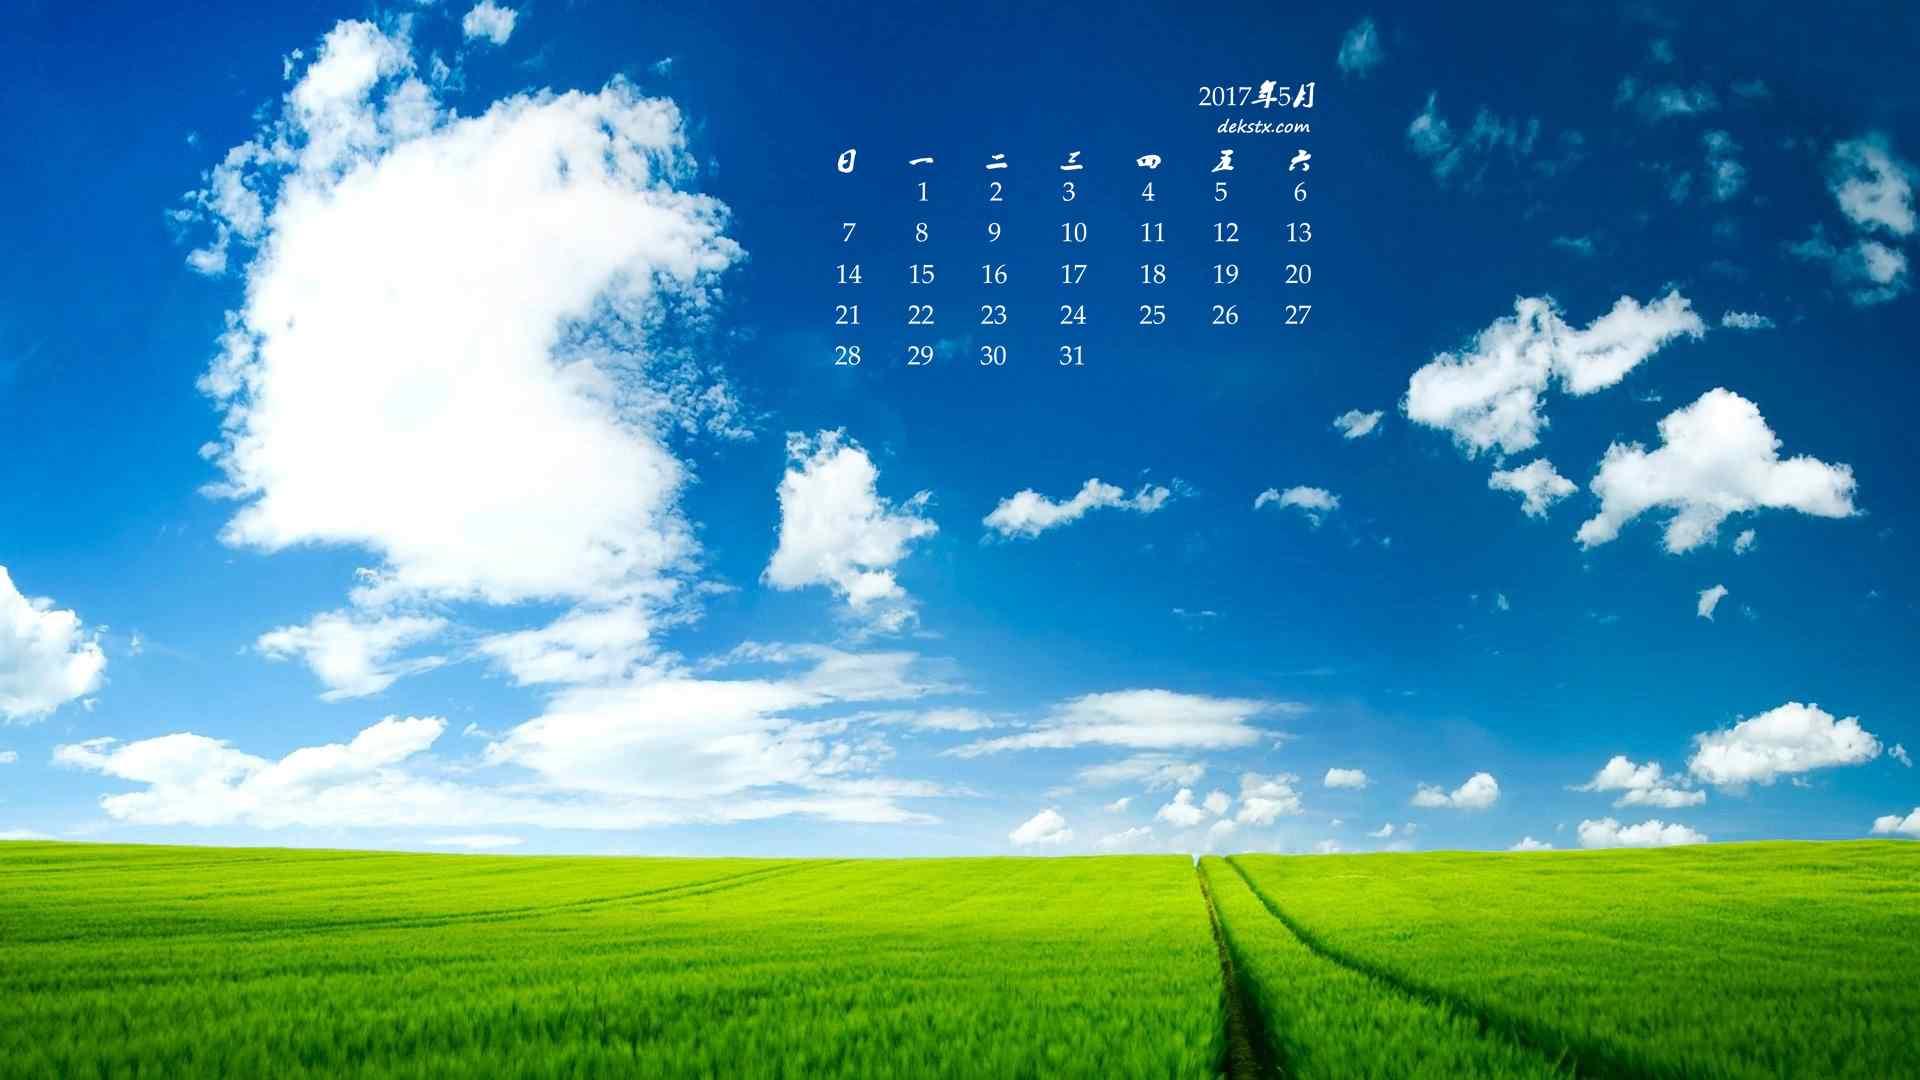 2017年5月草原与蓝天日历壁纸